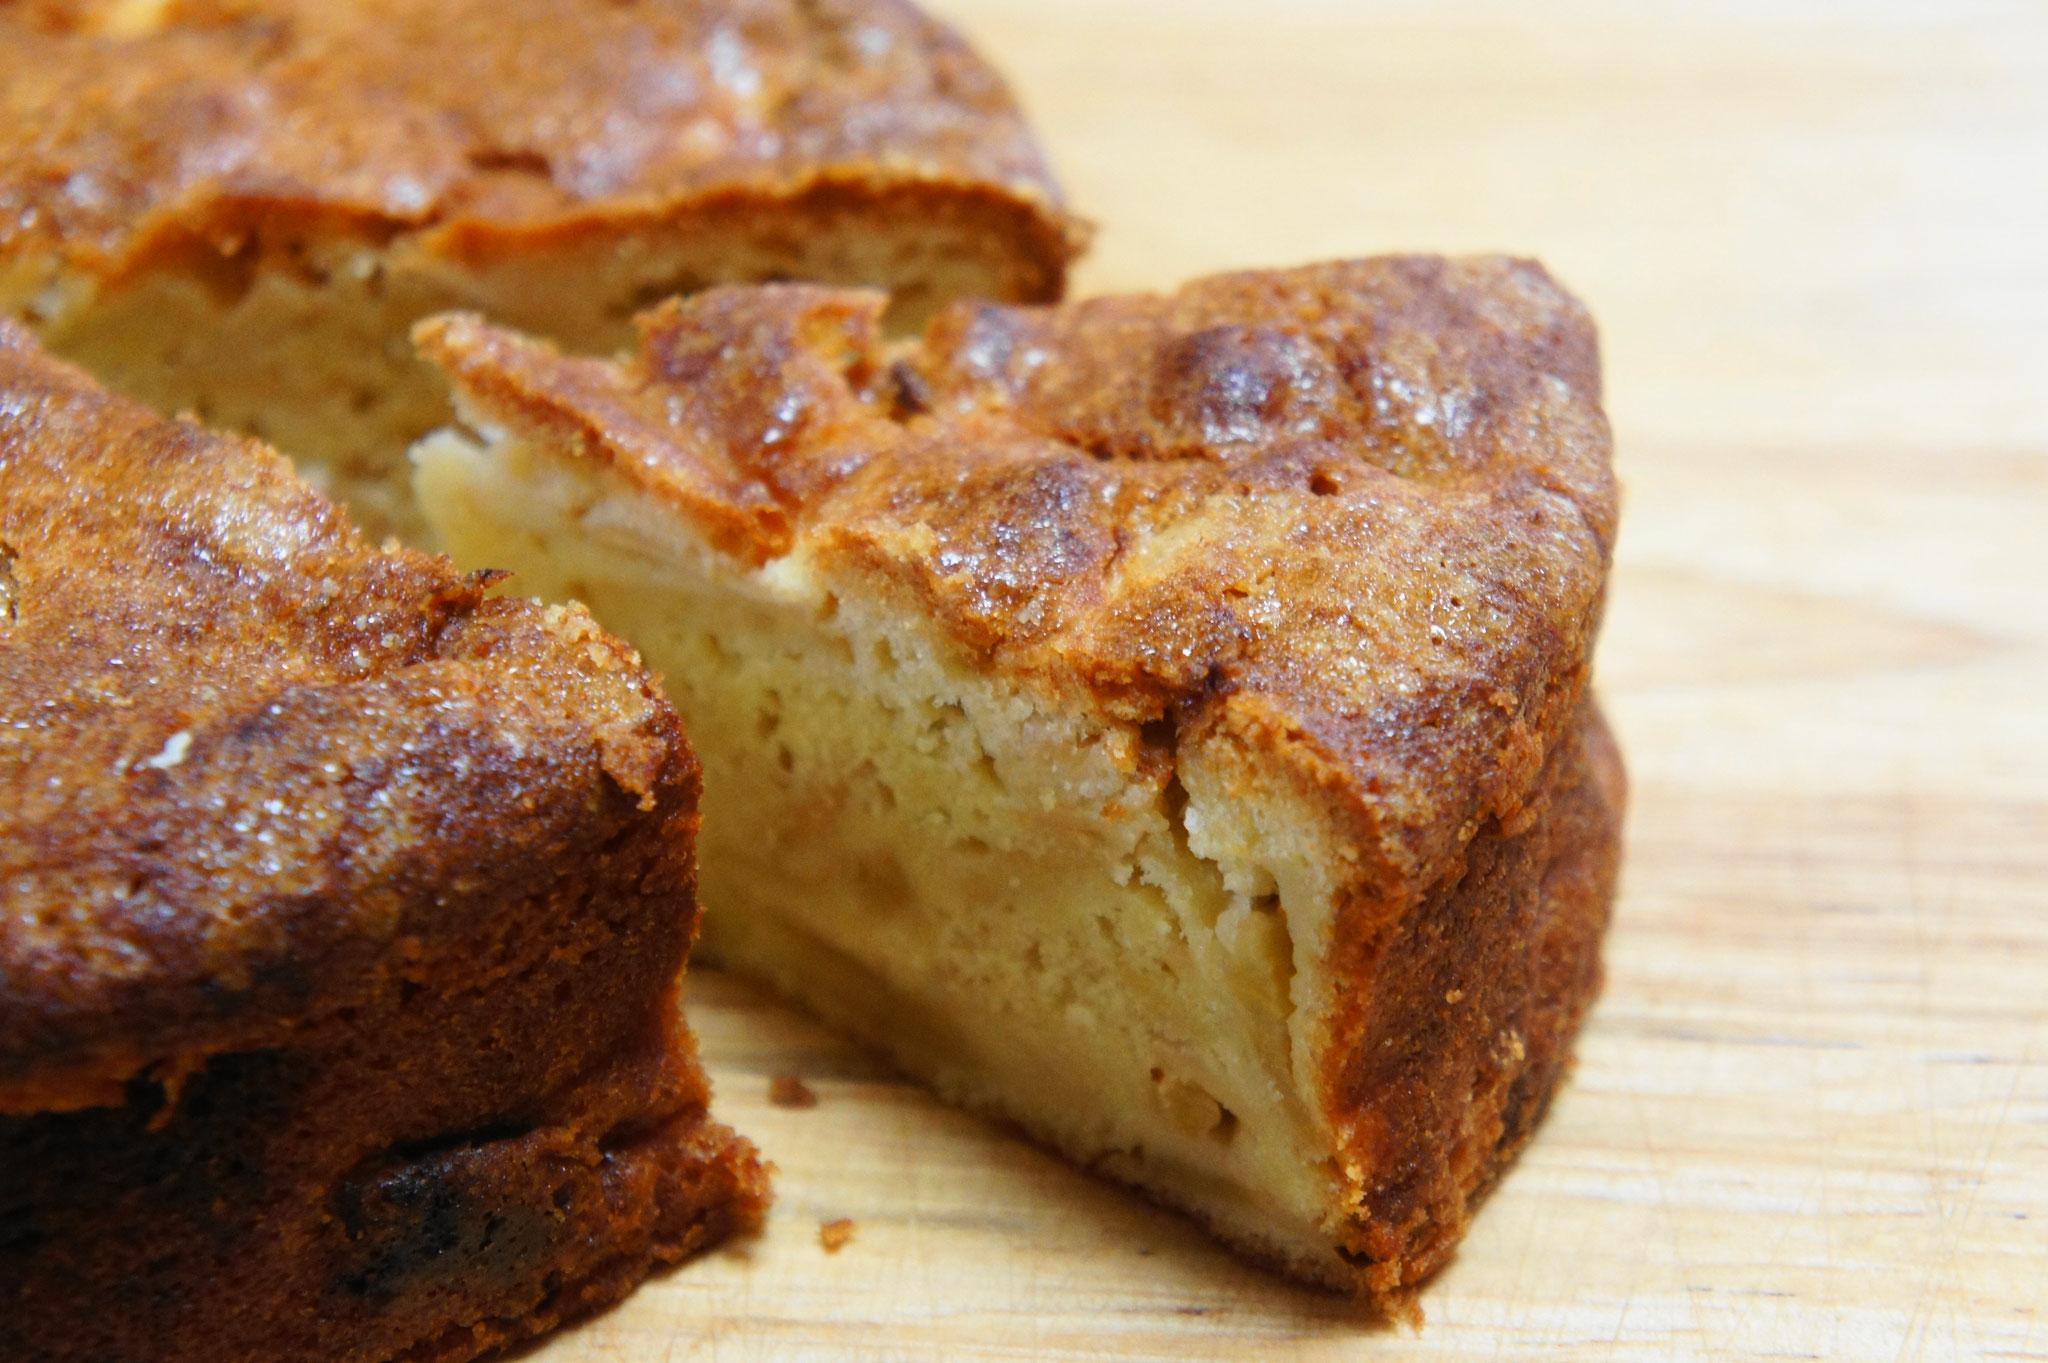 ブラムリーをたっぷりと使ったイギリス伝統のリンゴケーキ「ドーセットアップルケーキ」